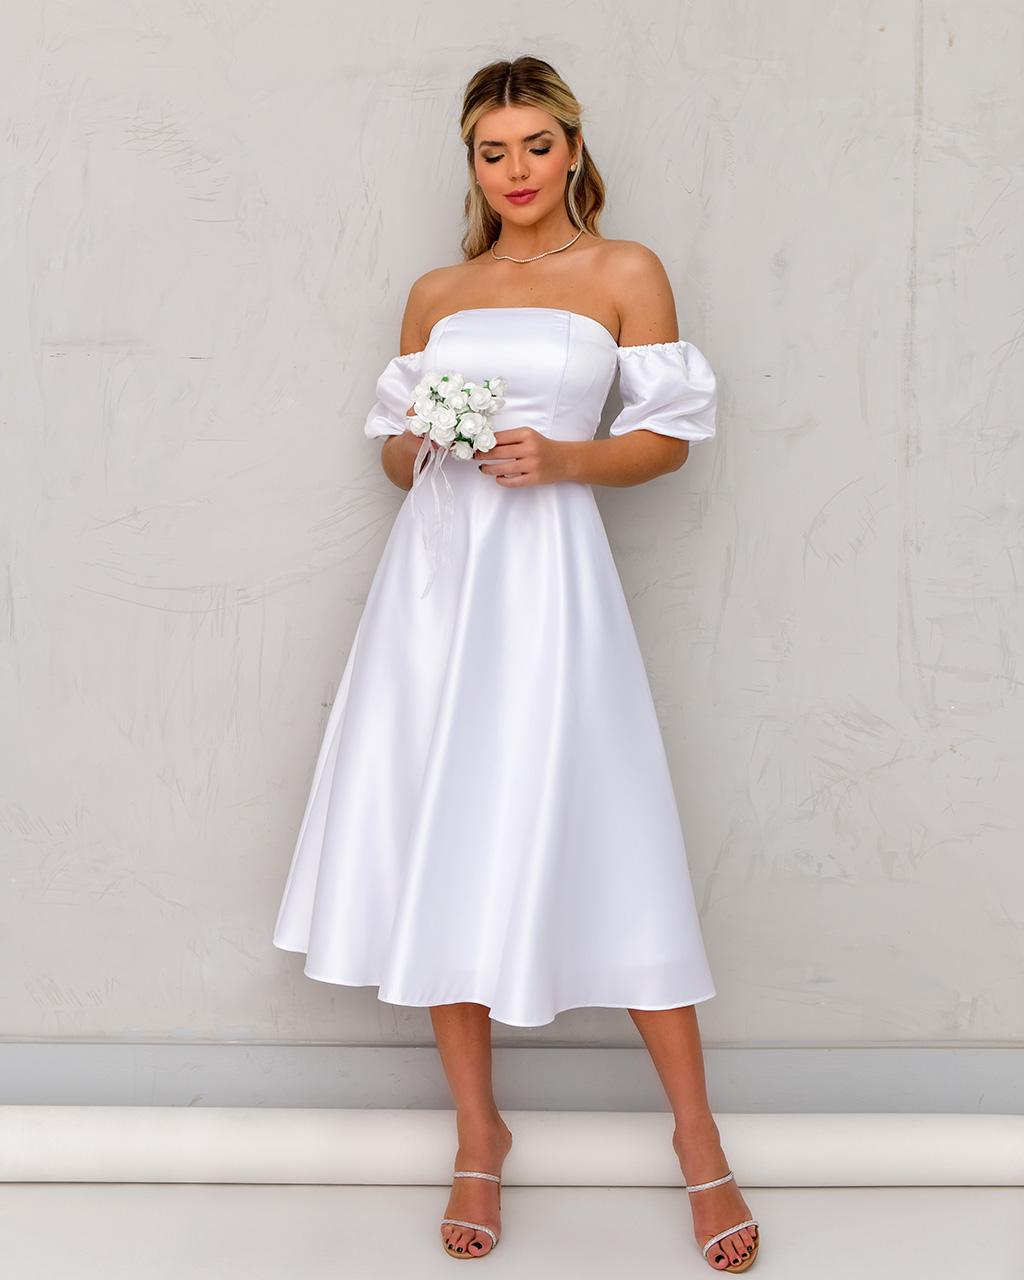 Vestido Talita  - Empório NM